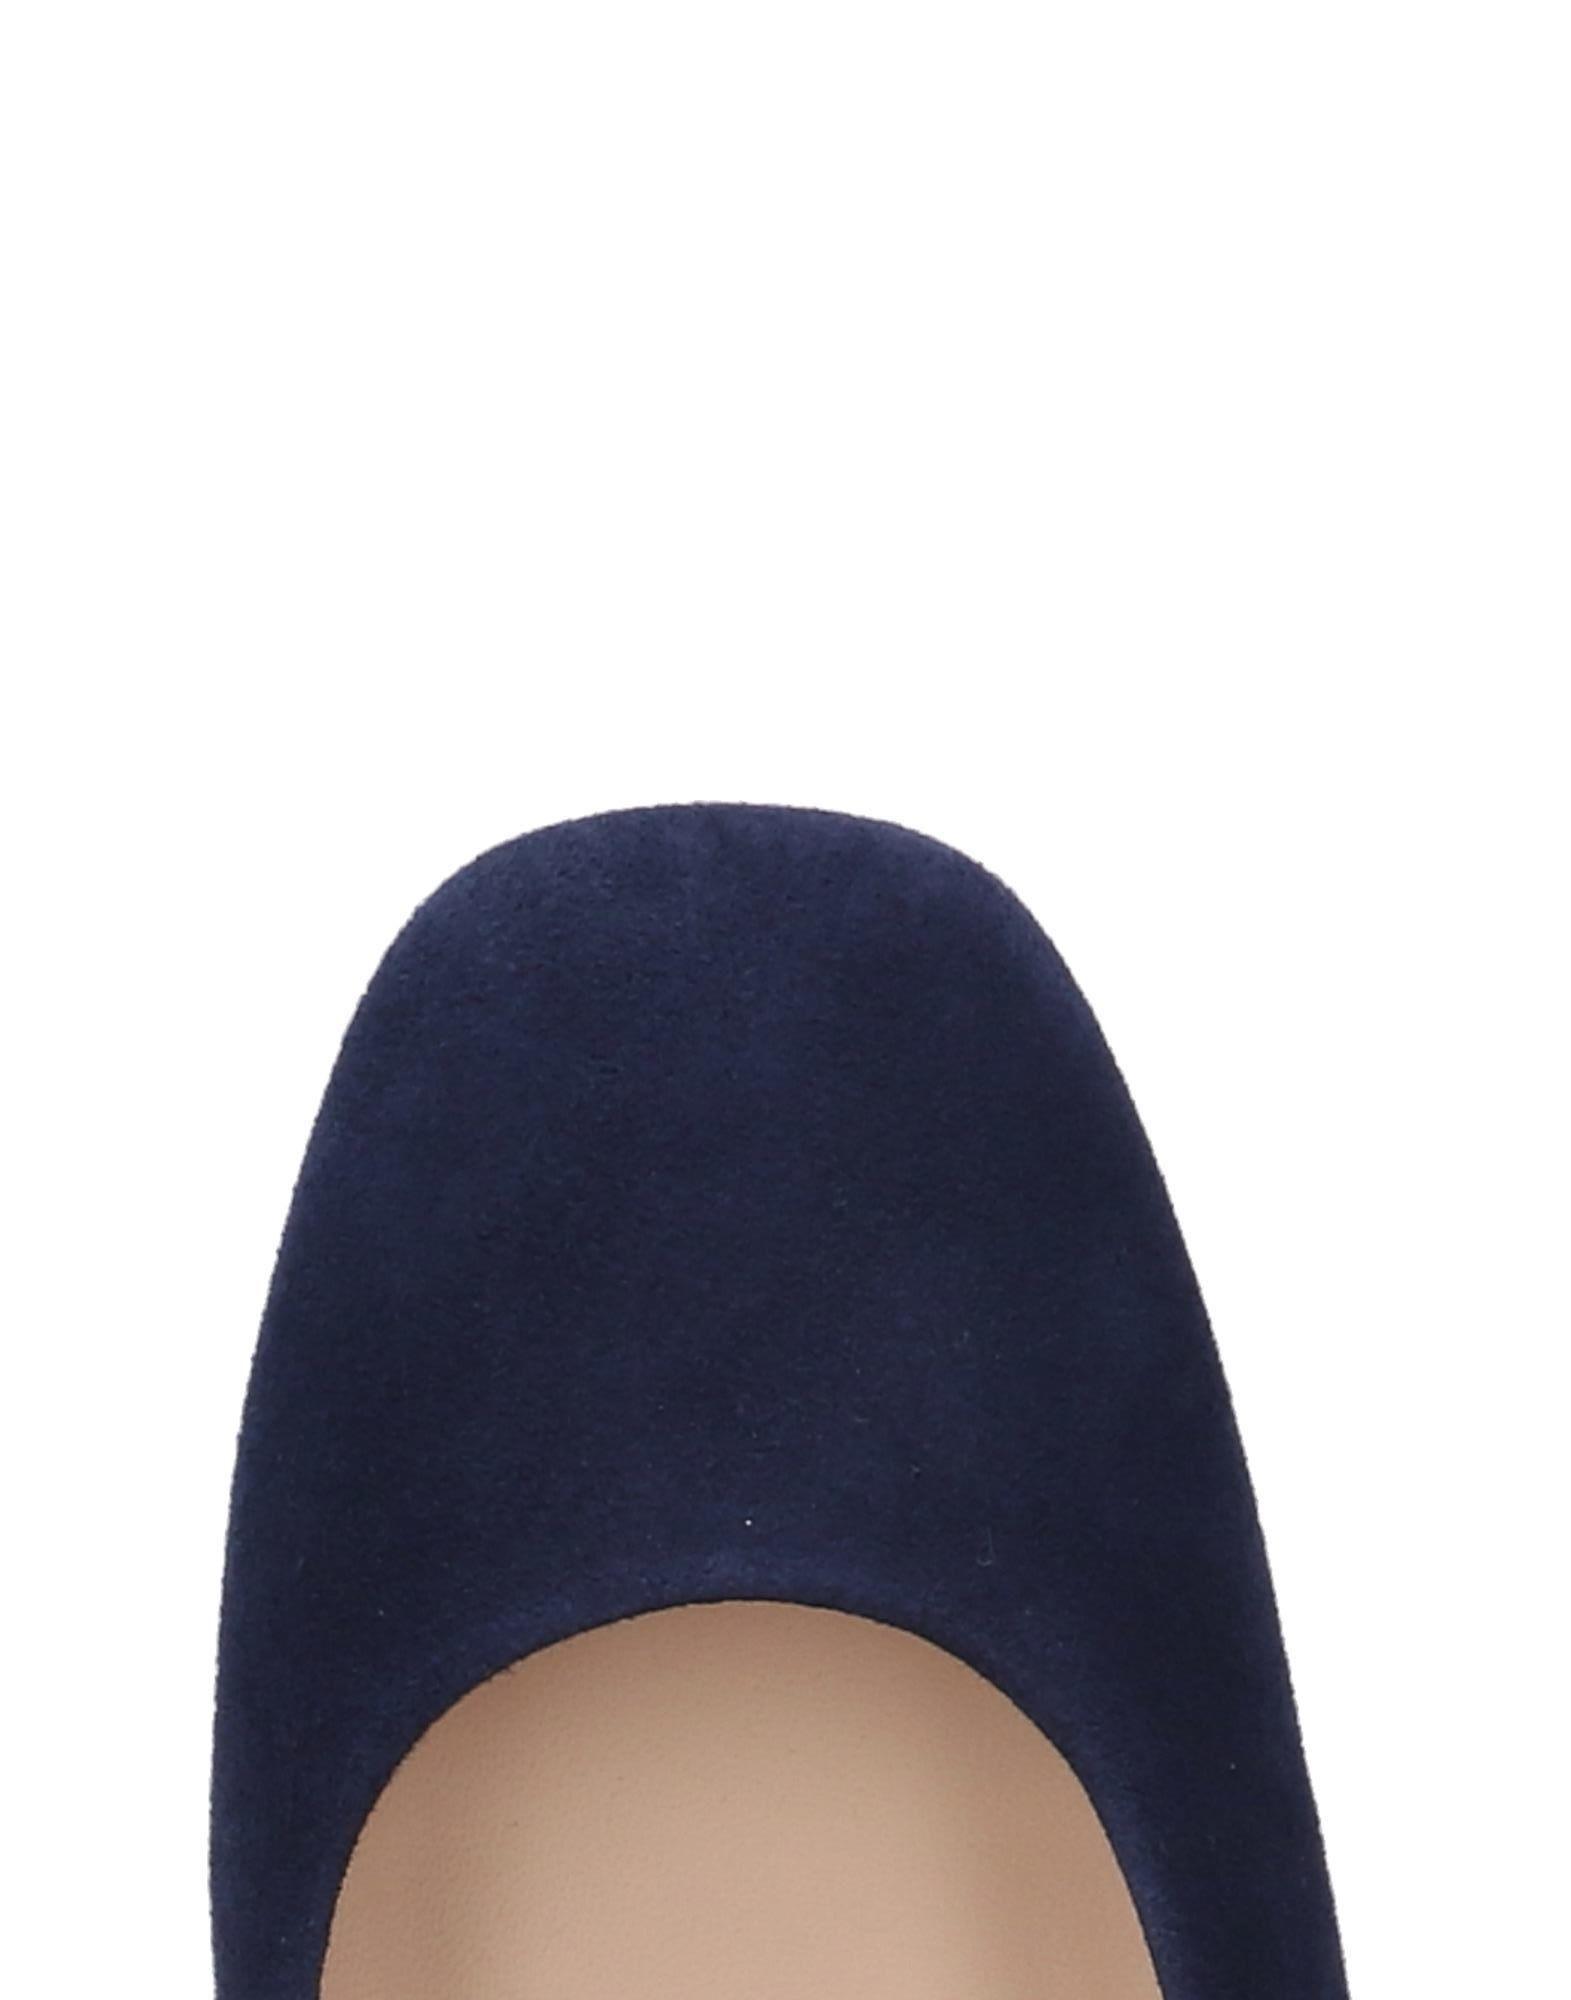 Gut um billige Pumps Schuhe zu tragenMarie Elodie Pumps billige Damen  11481433PW 7dc596